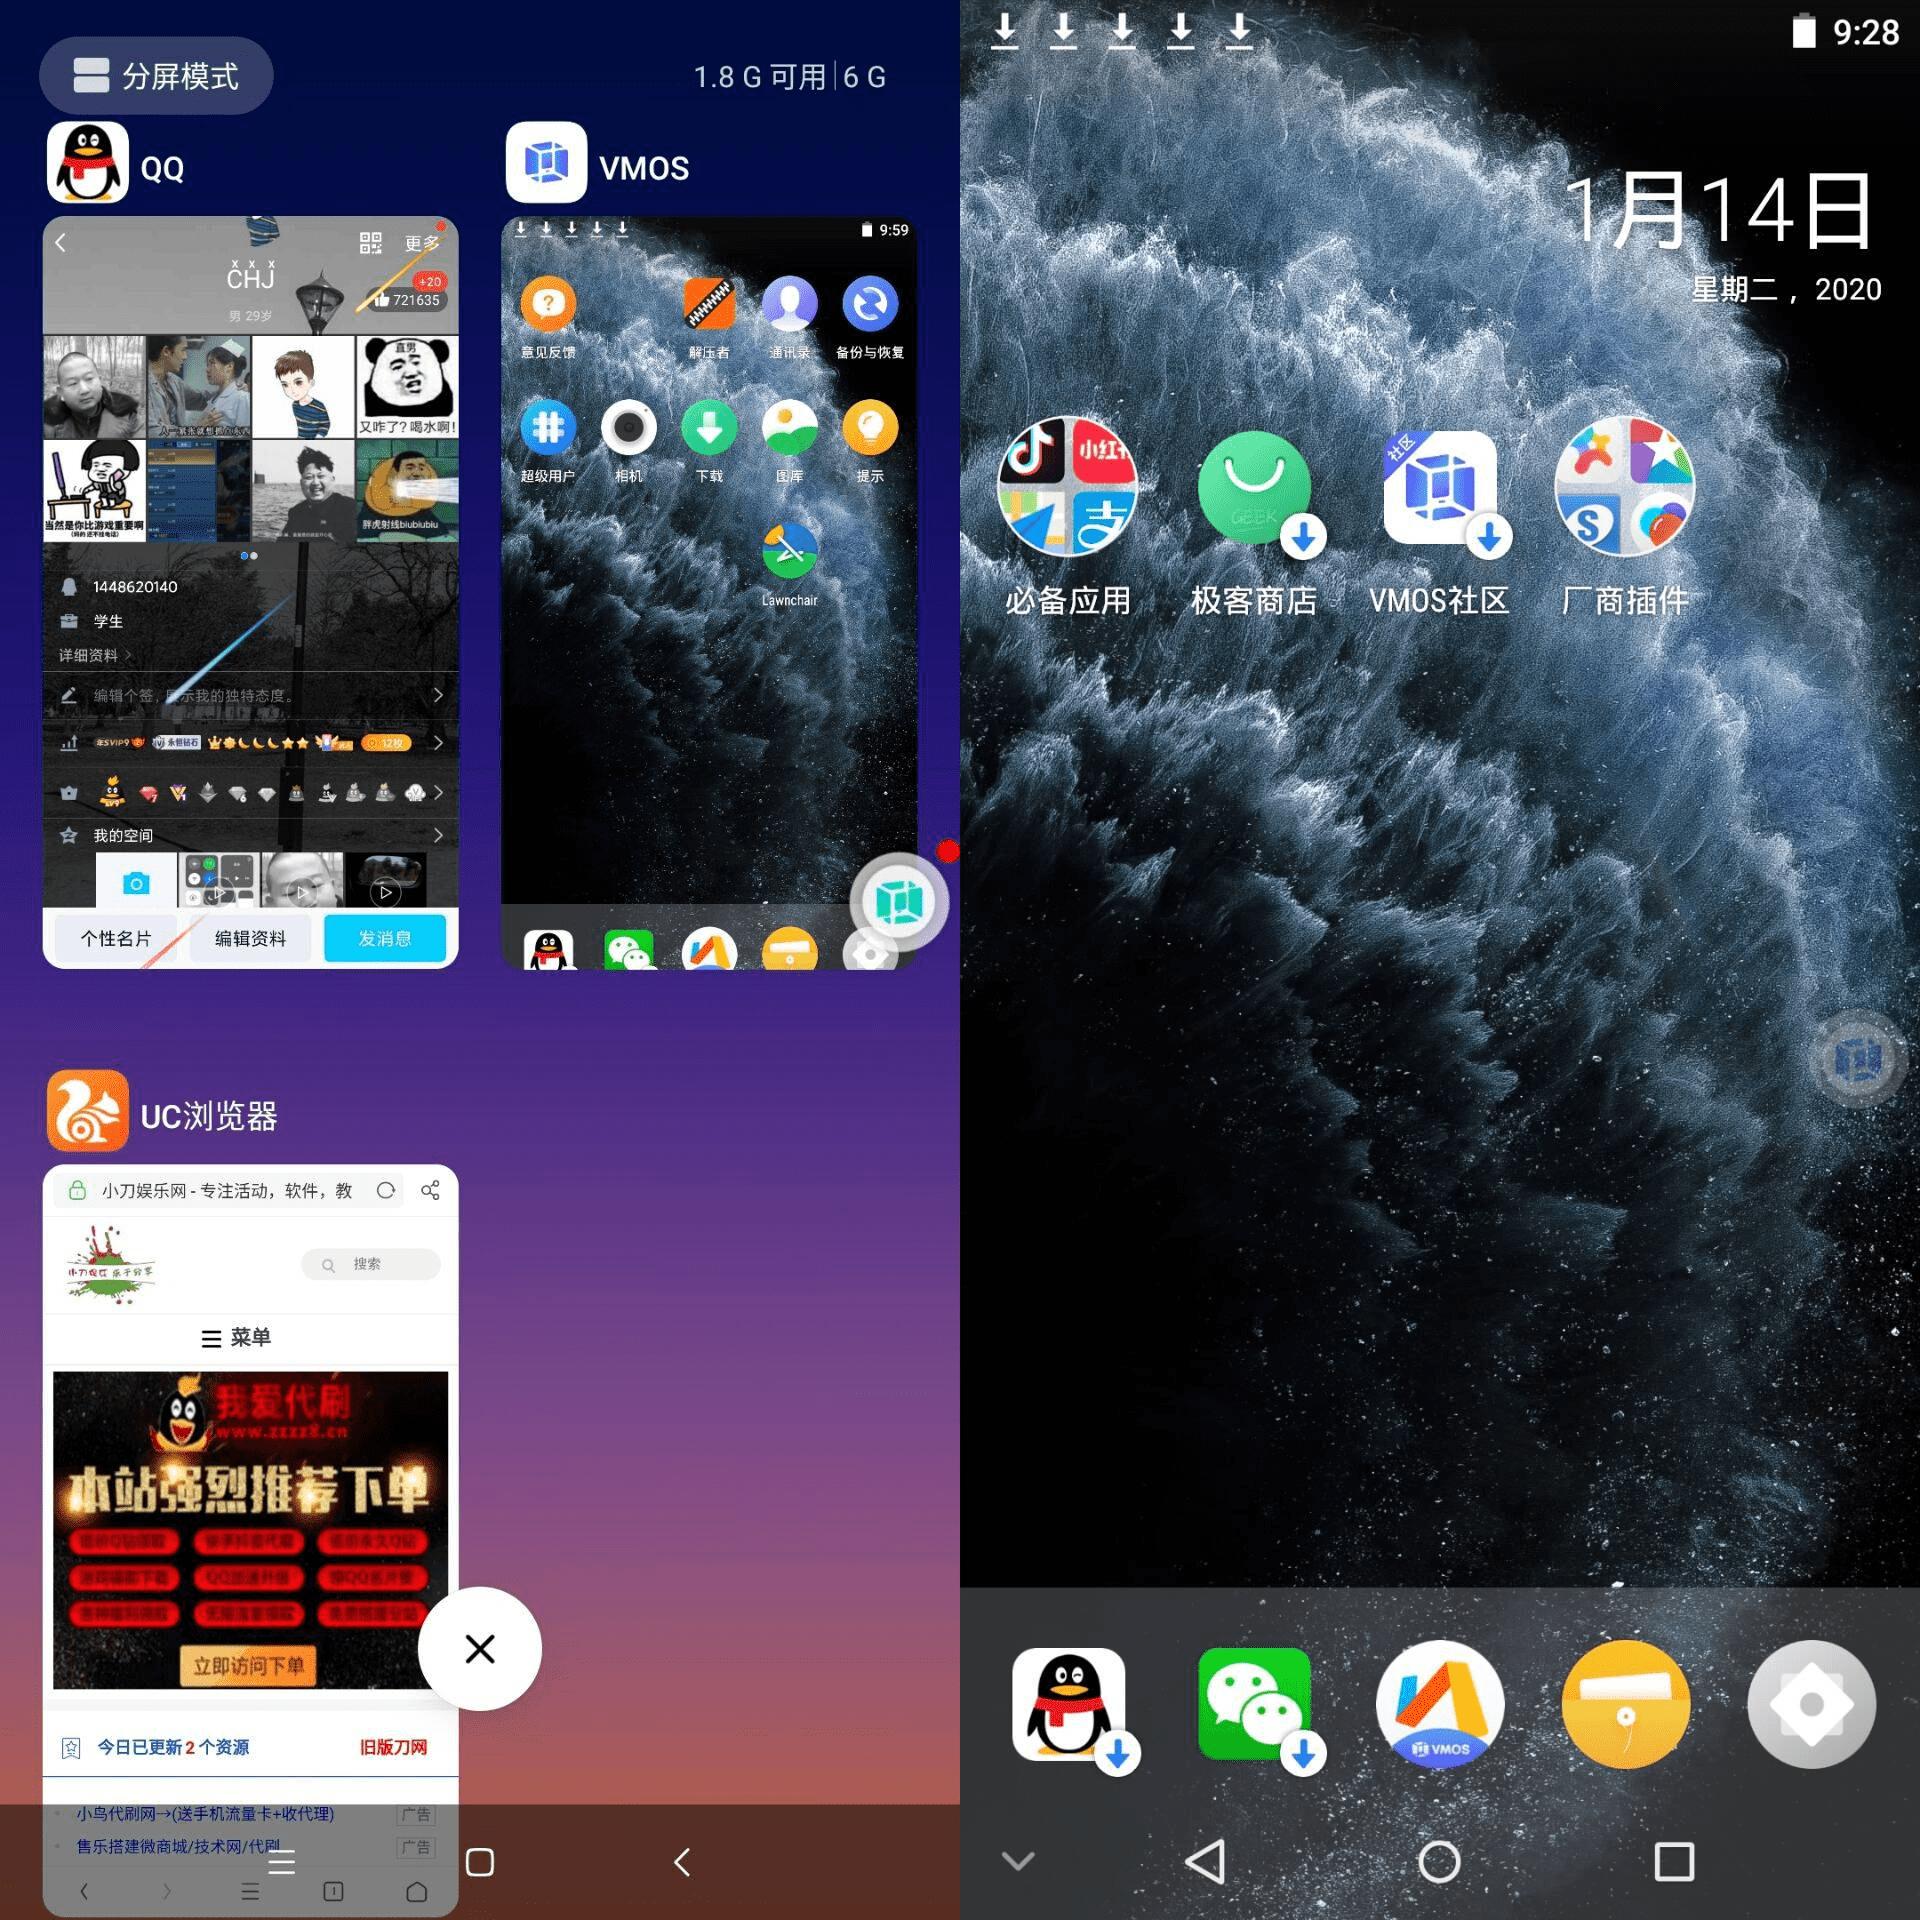 安卓手机虚拟机系统VMOS